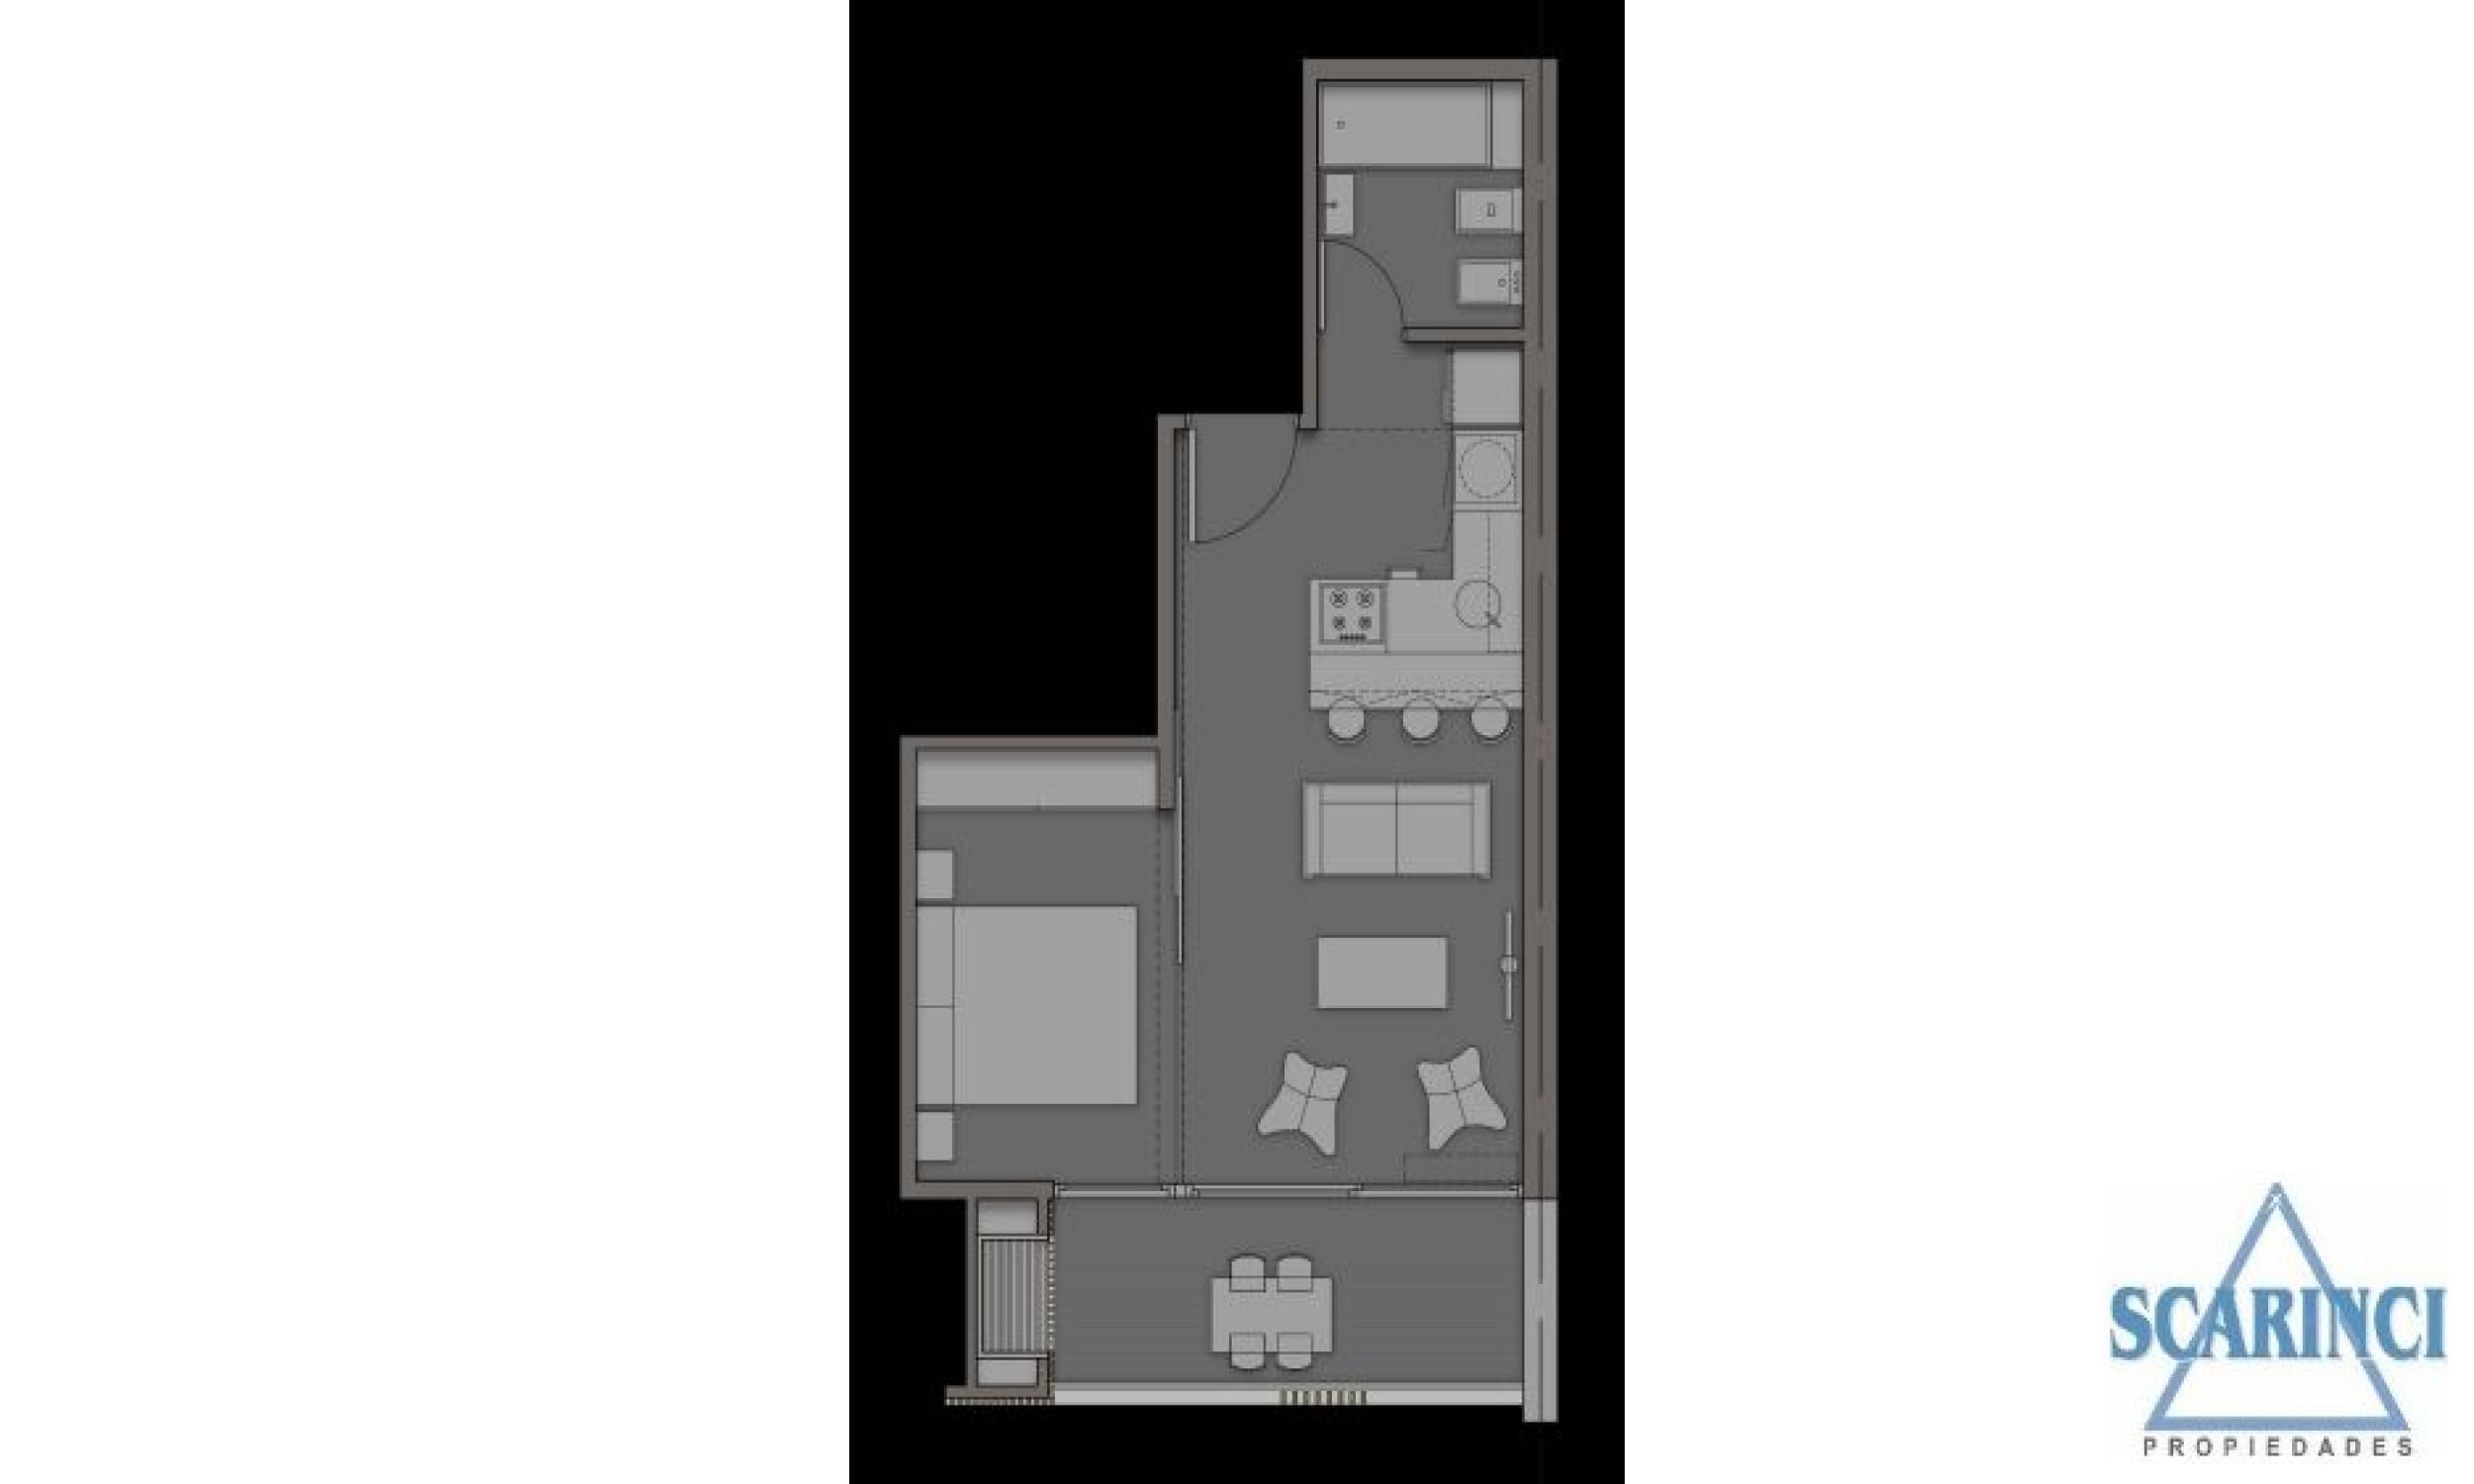 Uruguay 3400, Villa Saenz Peña, Buenos Aires, Argentina, 2 Habitaciones Habitaciones, 1 Habitación Habitaciones,1 BañoBathrooms,Departamento,Venta,Uruguay,1938